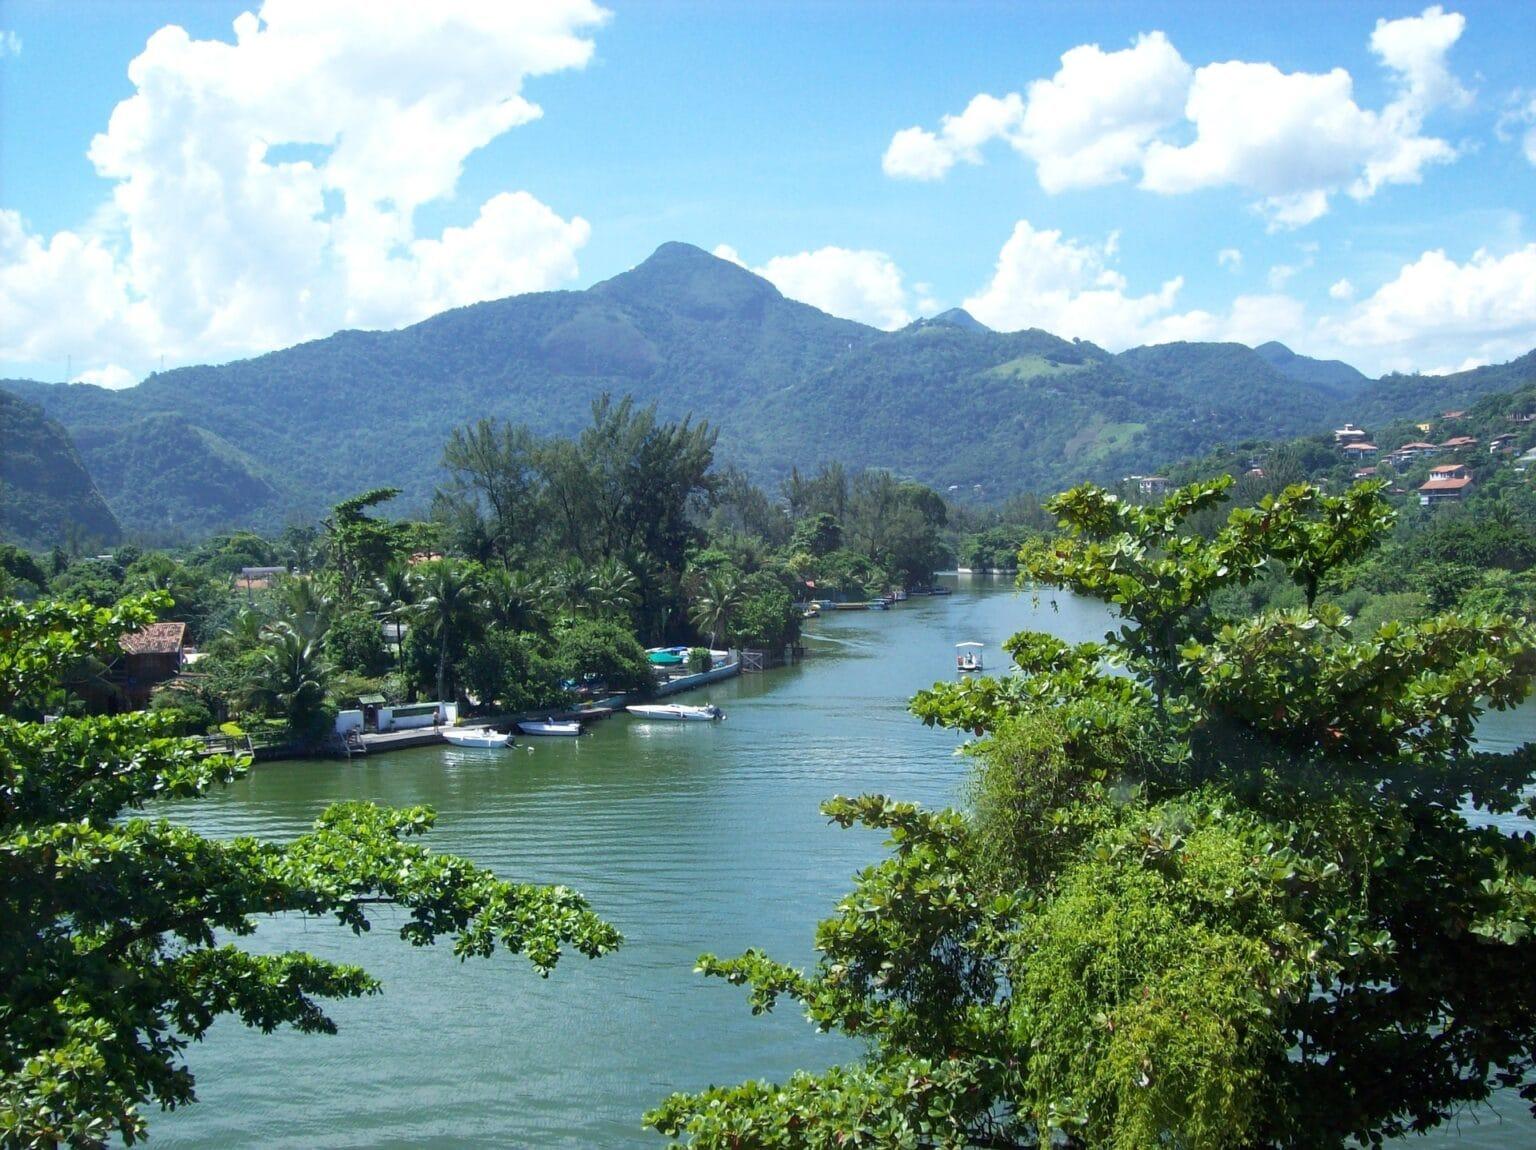 Árvores, lagoa e montanhas. Imagem ilustrativa texto lavar carro Tijuca.